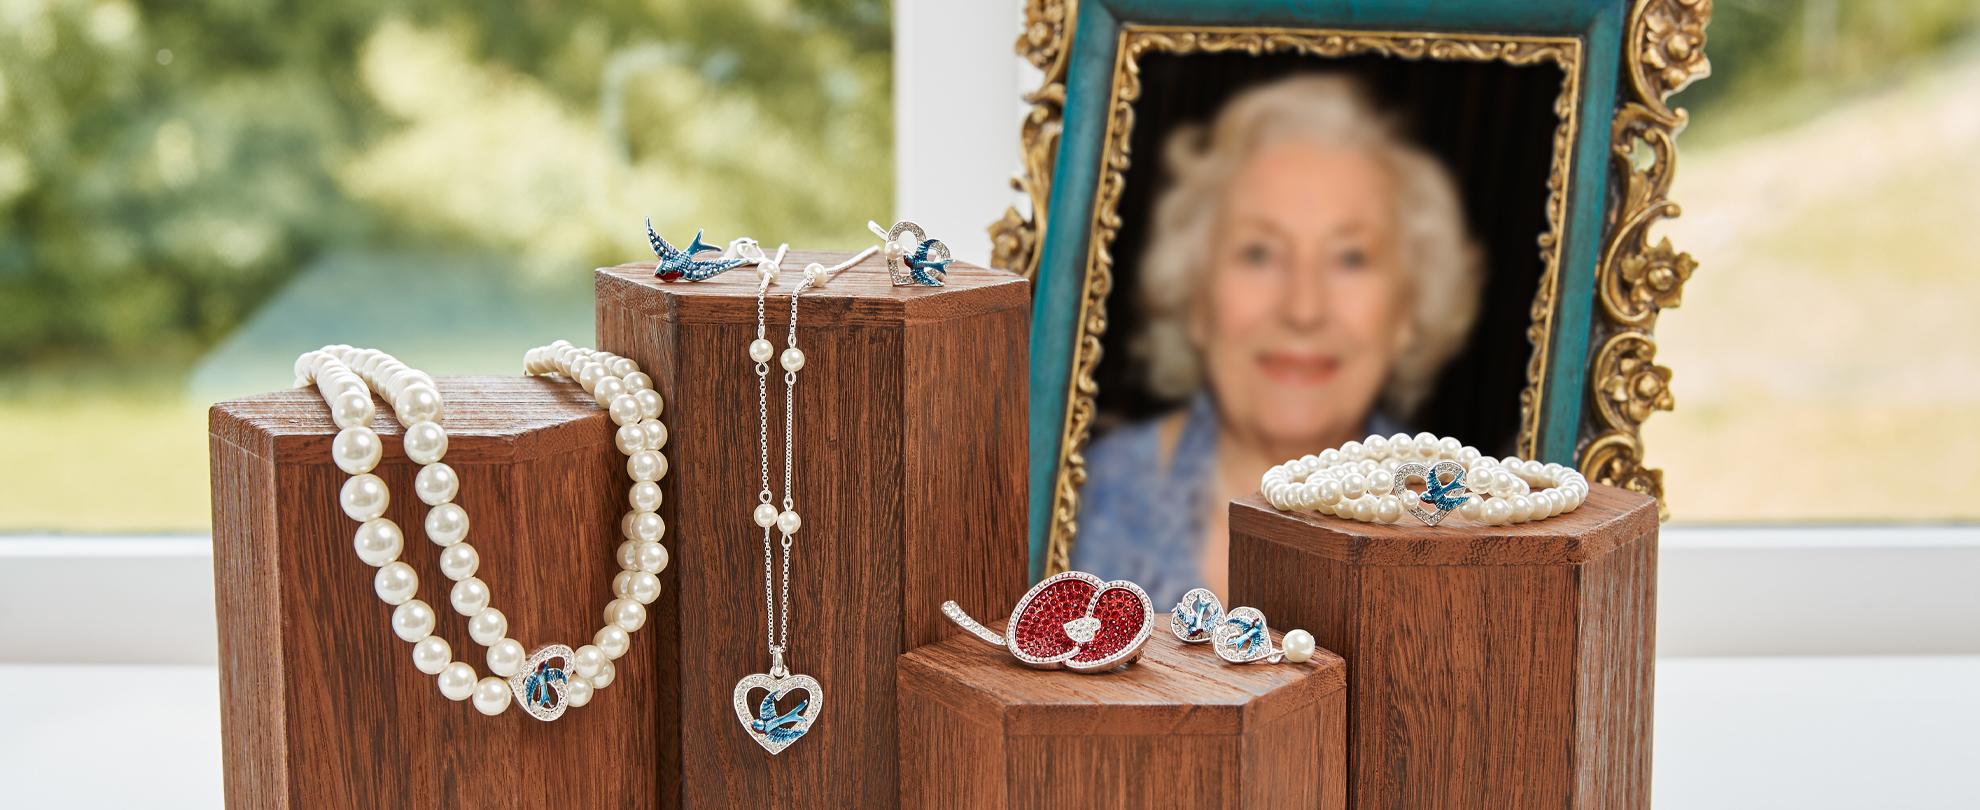 Dame Vera Lynn Collection